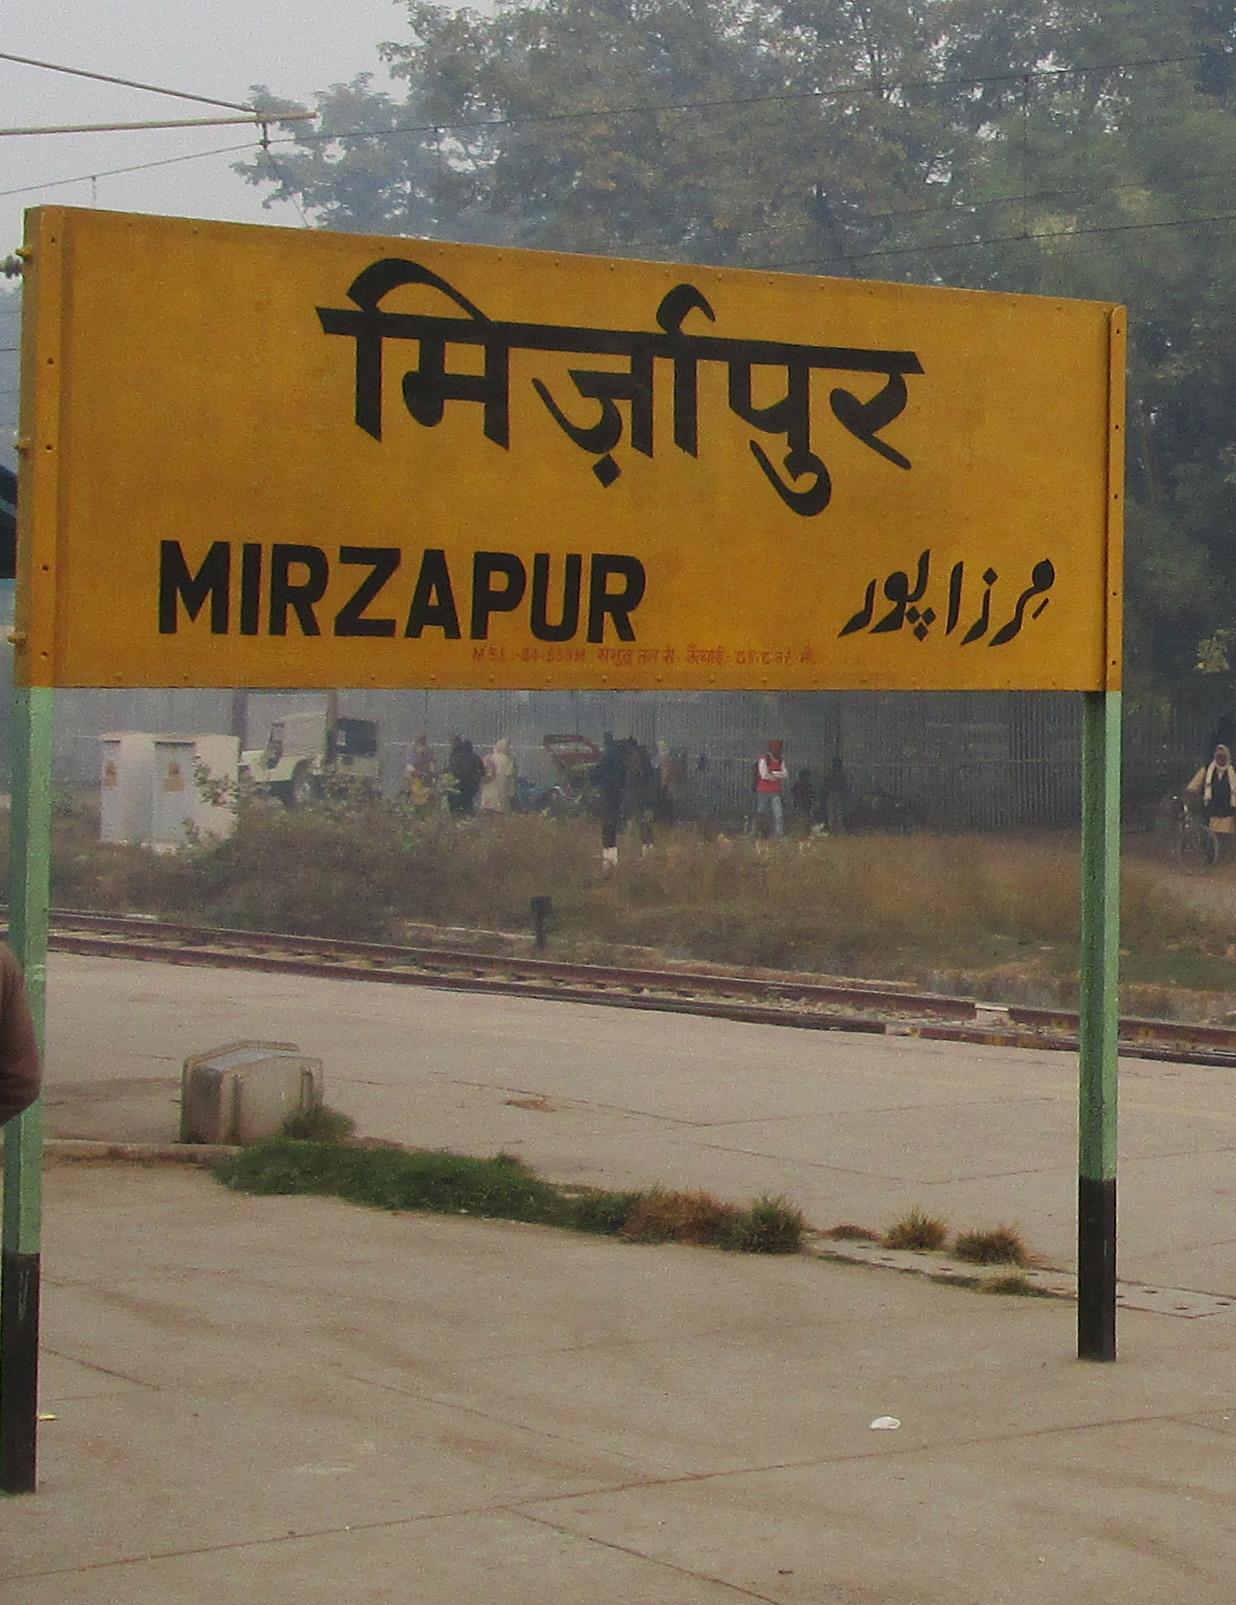 Mirzapur railway station - Wikipedia